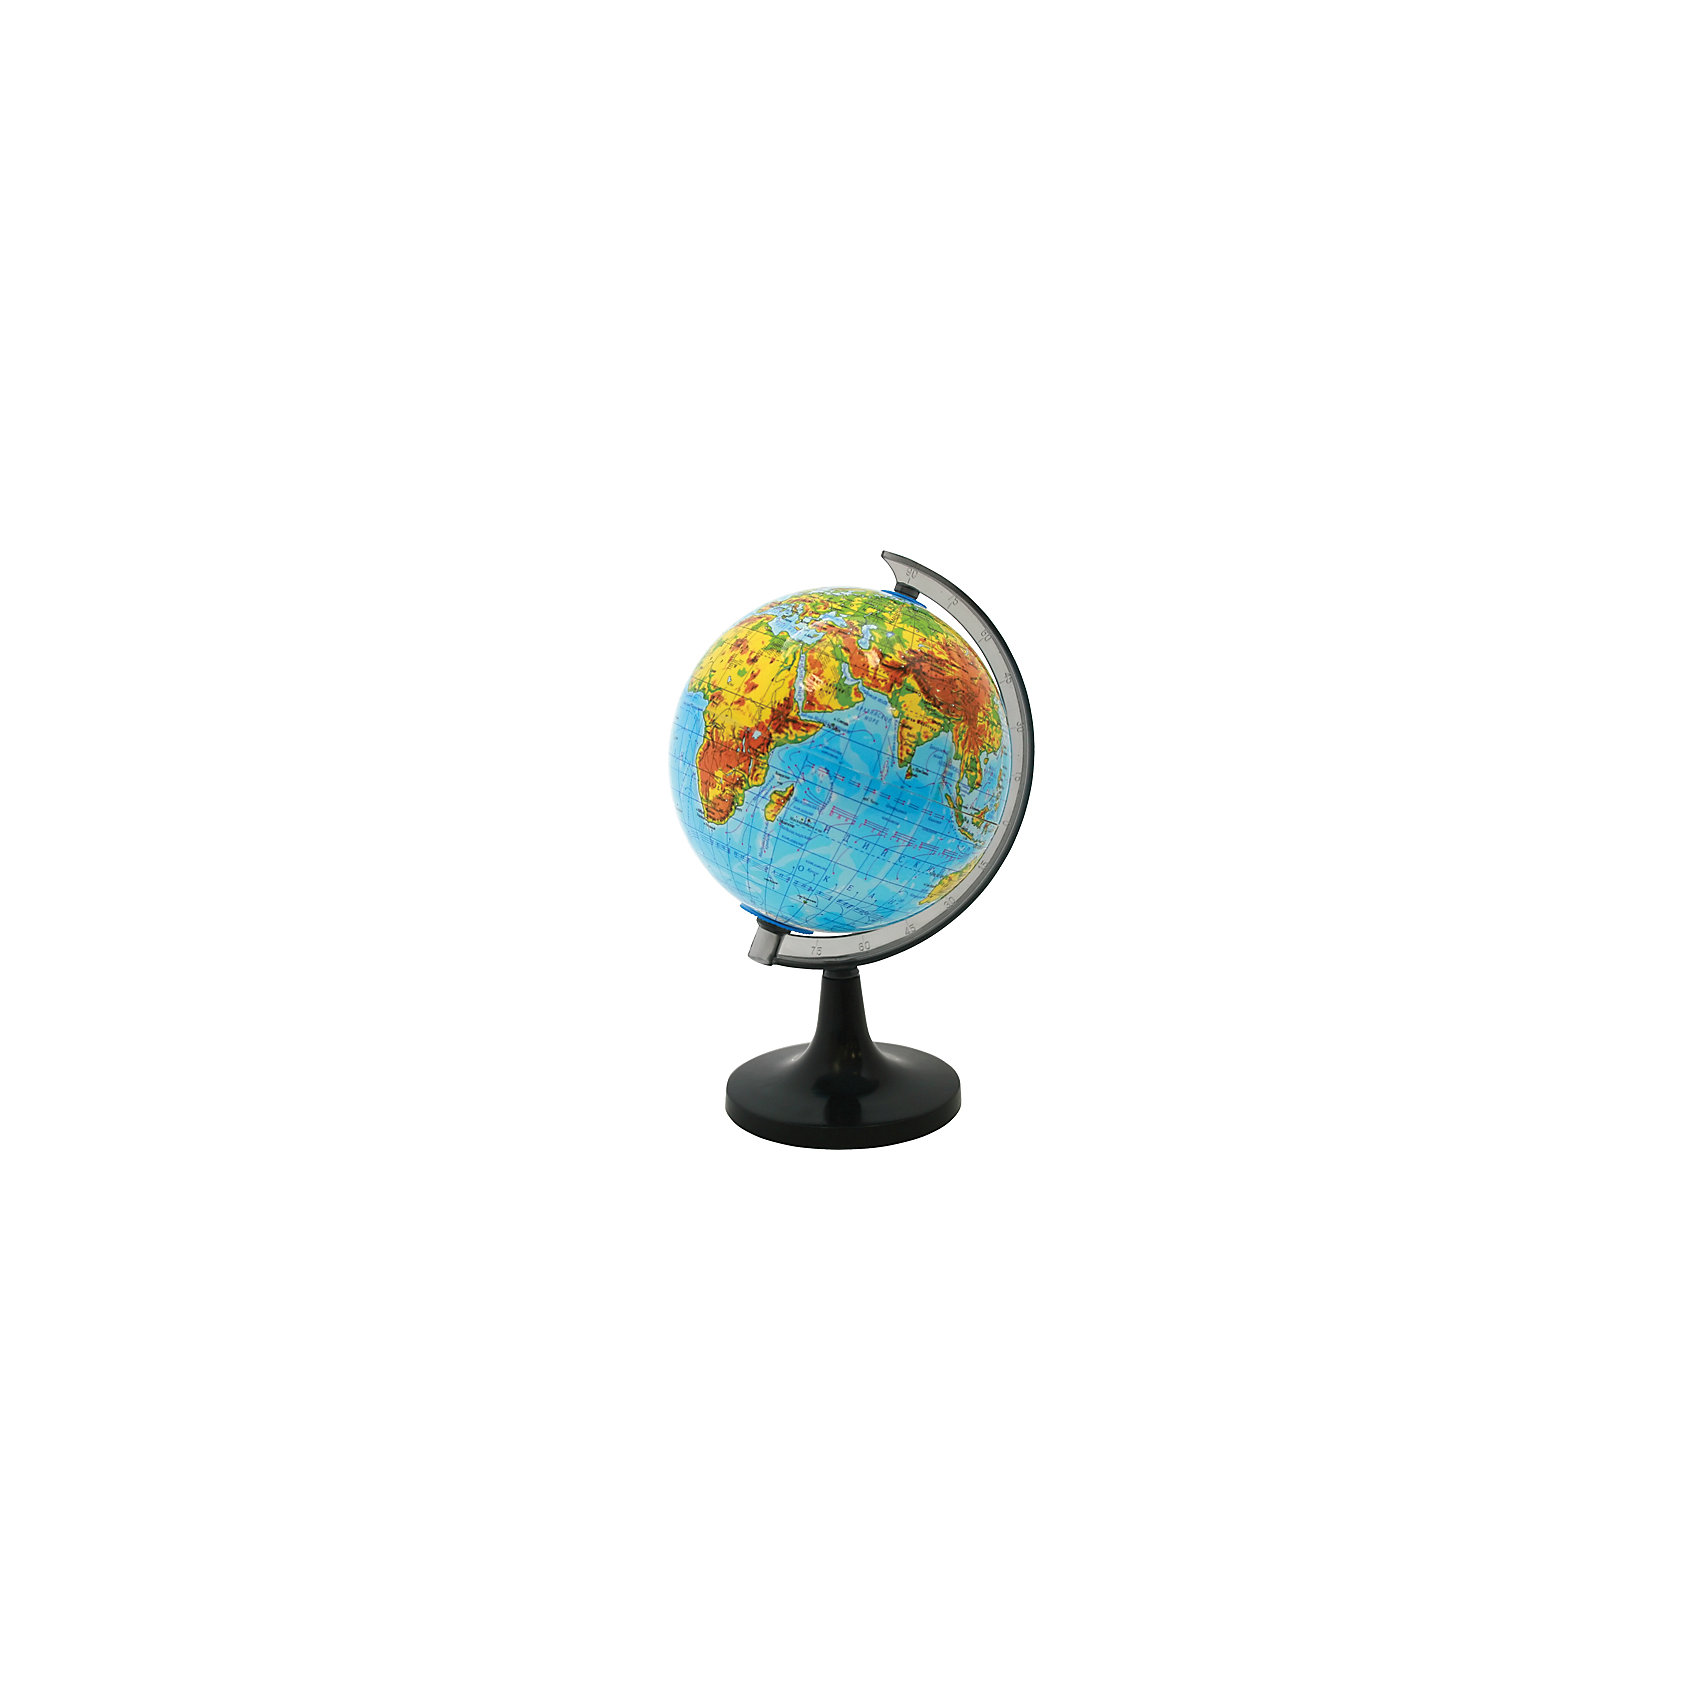 ROTONDO Глобус физический, 20смГлобусы<br>Характеристики товара:<br><br>• тип карты: физическая;<br>• диаметр глобуса: 20 см;<br>• масштаб: 1: 63000000;<br>• материал: пластик;<br>• размер упаковки: 20х20х20 см;<br>• вес: 500 грамм;<br>• возраст: от 3 лет.<br><br>Глобус от Rotondo познакомит ребенка с физическая картой мира. Глобус оформлен ярким и четким изображением. С помощью пластиковой ручки ребенок сможет удобно вращать глобус, чтобы рассмотреть все необходимые элементы.<br><br>На глобусе нанесены линии картографической сетки, рельеф суши и водного пространства, теплые и холодные течения, крупные населенные пункты, гидрографическая сеть и элементы почвенно-растительного покрова.<br><br>ROTONDO (Ротондо) Глобус физический, 20см можно купить в нашем интернет-магазине.<br><br>Ширина мм: 200<br>Глубина мм: 200<br>Высота мм: 200<br>Вес г: 500<br>Возраст от месяцев: 36<br>Возраст до месяцев: 168<br>Пол: Унисекс<br>Возраст: Детский<br>SKU: 6859025